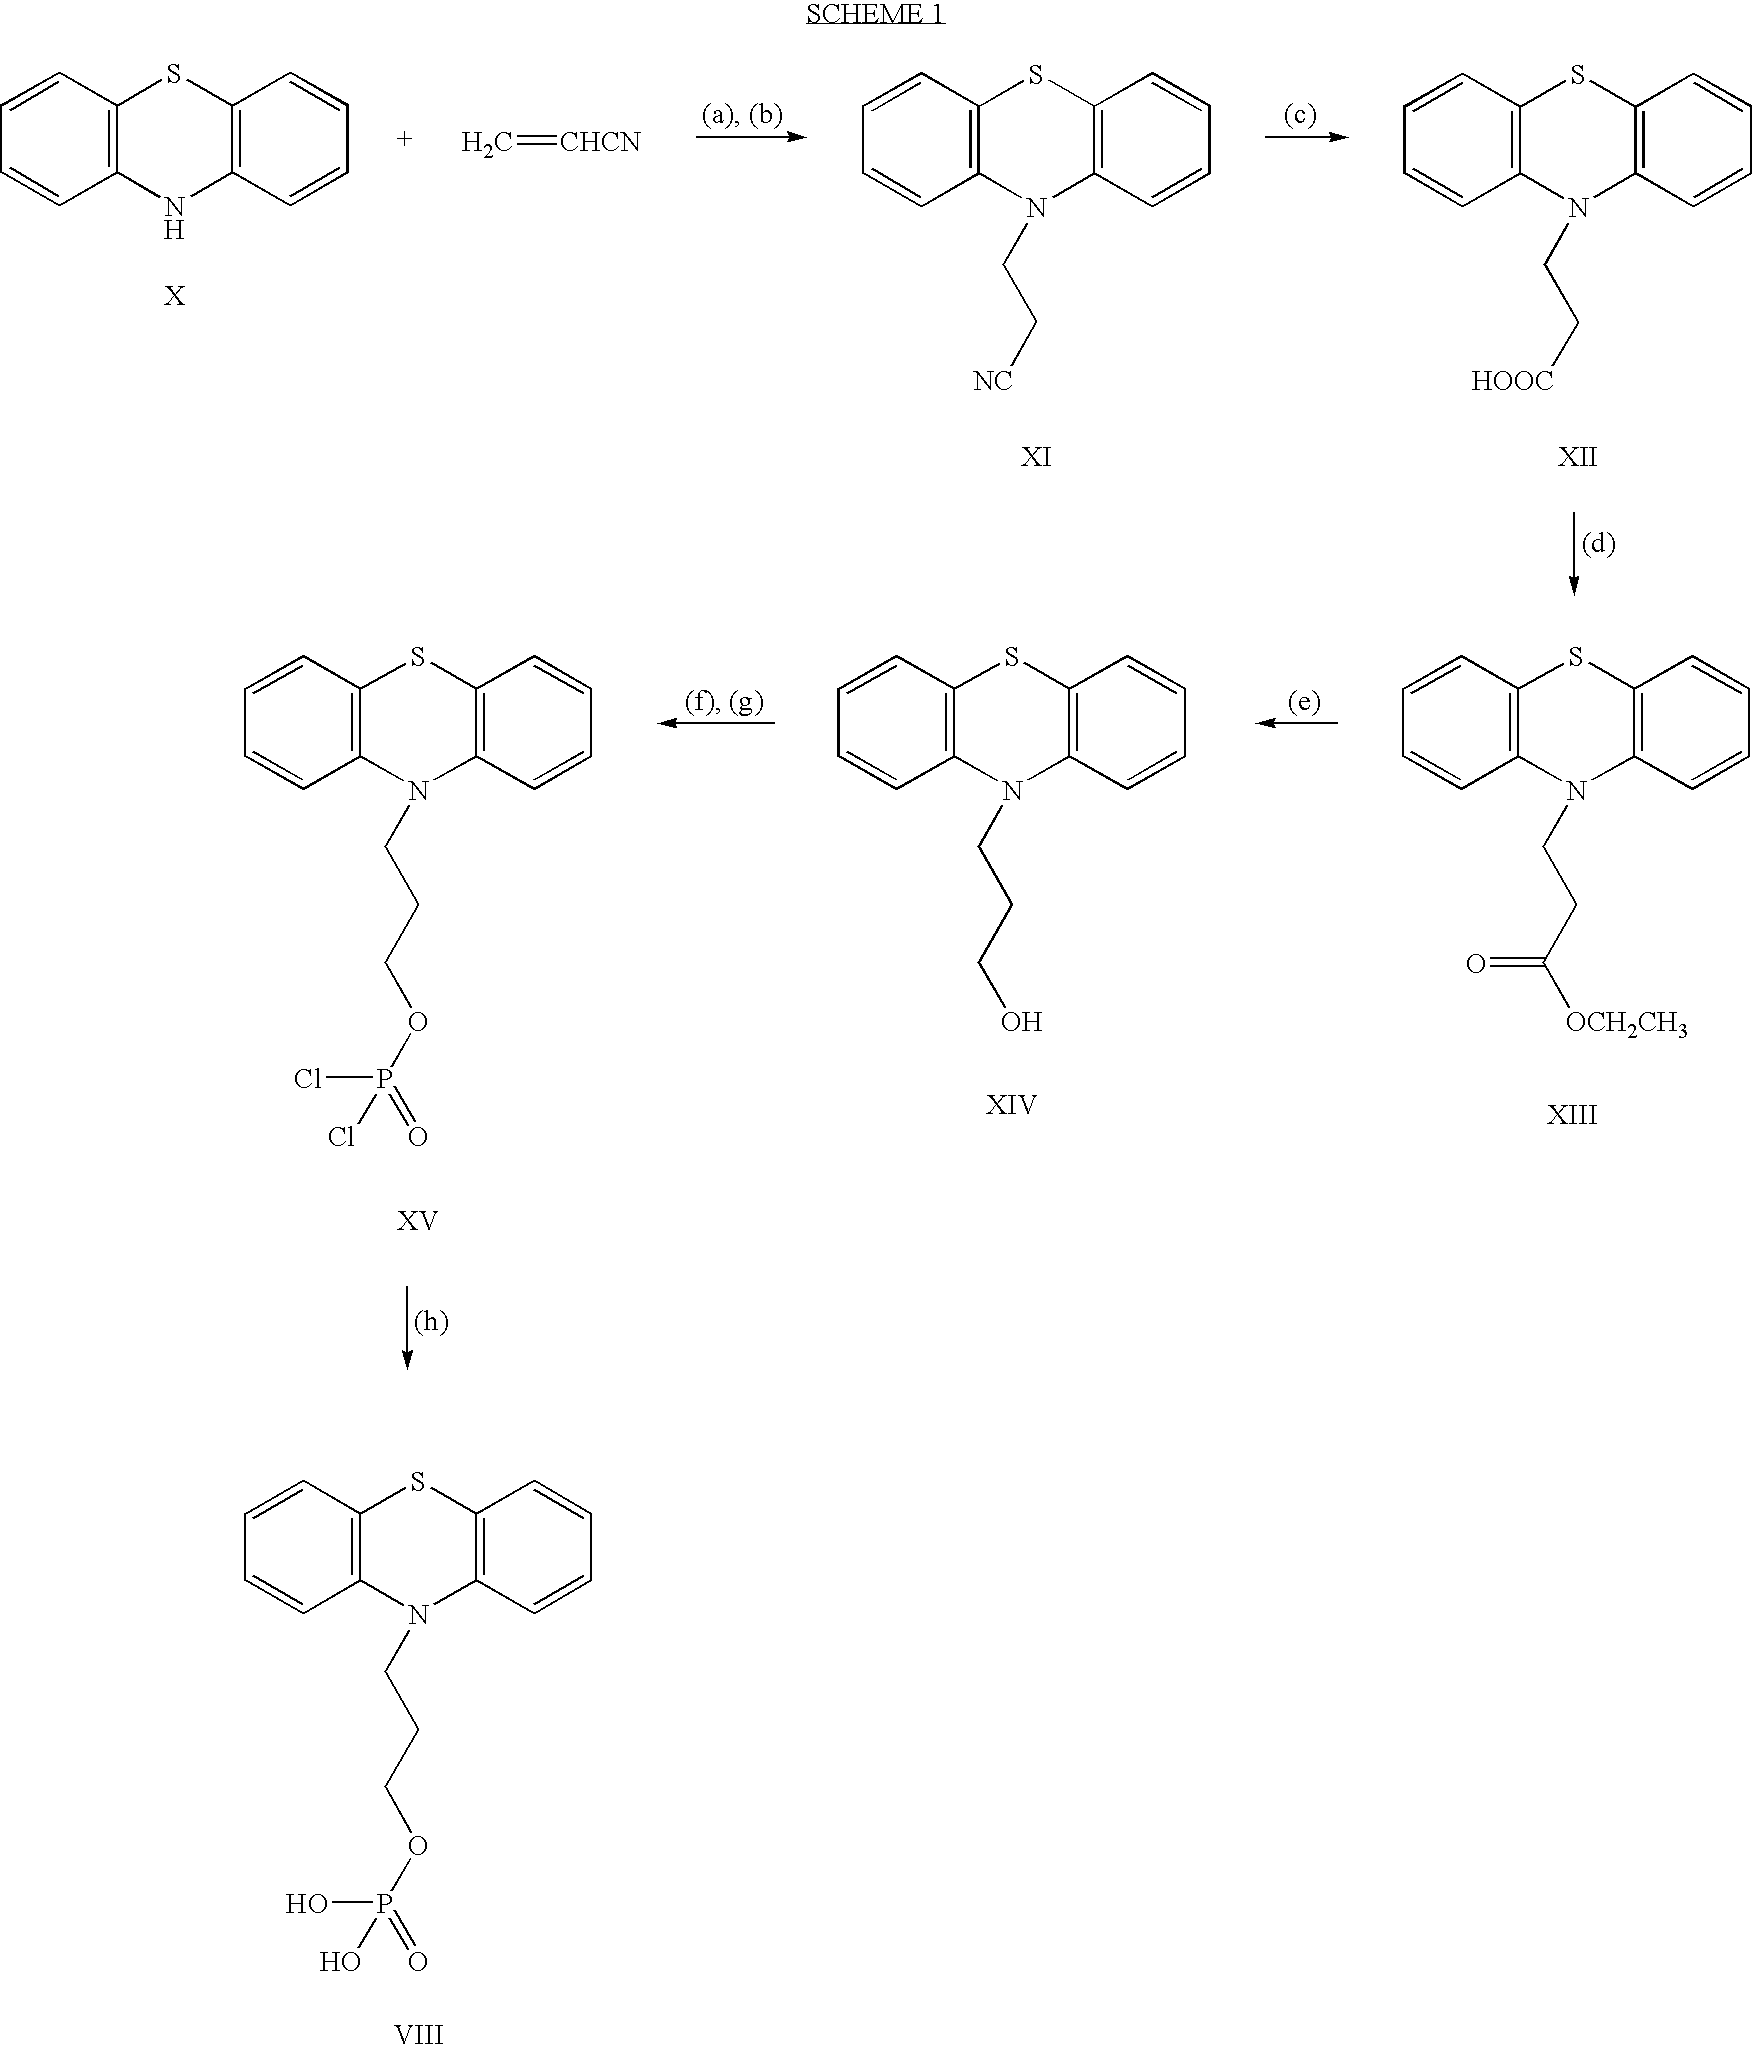 Figure US07576201-20090818-C00007